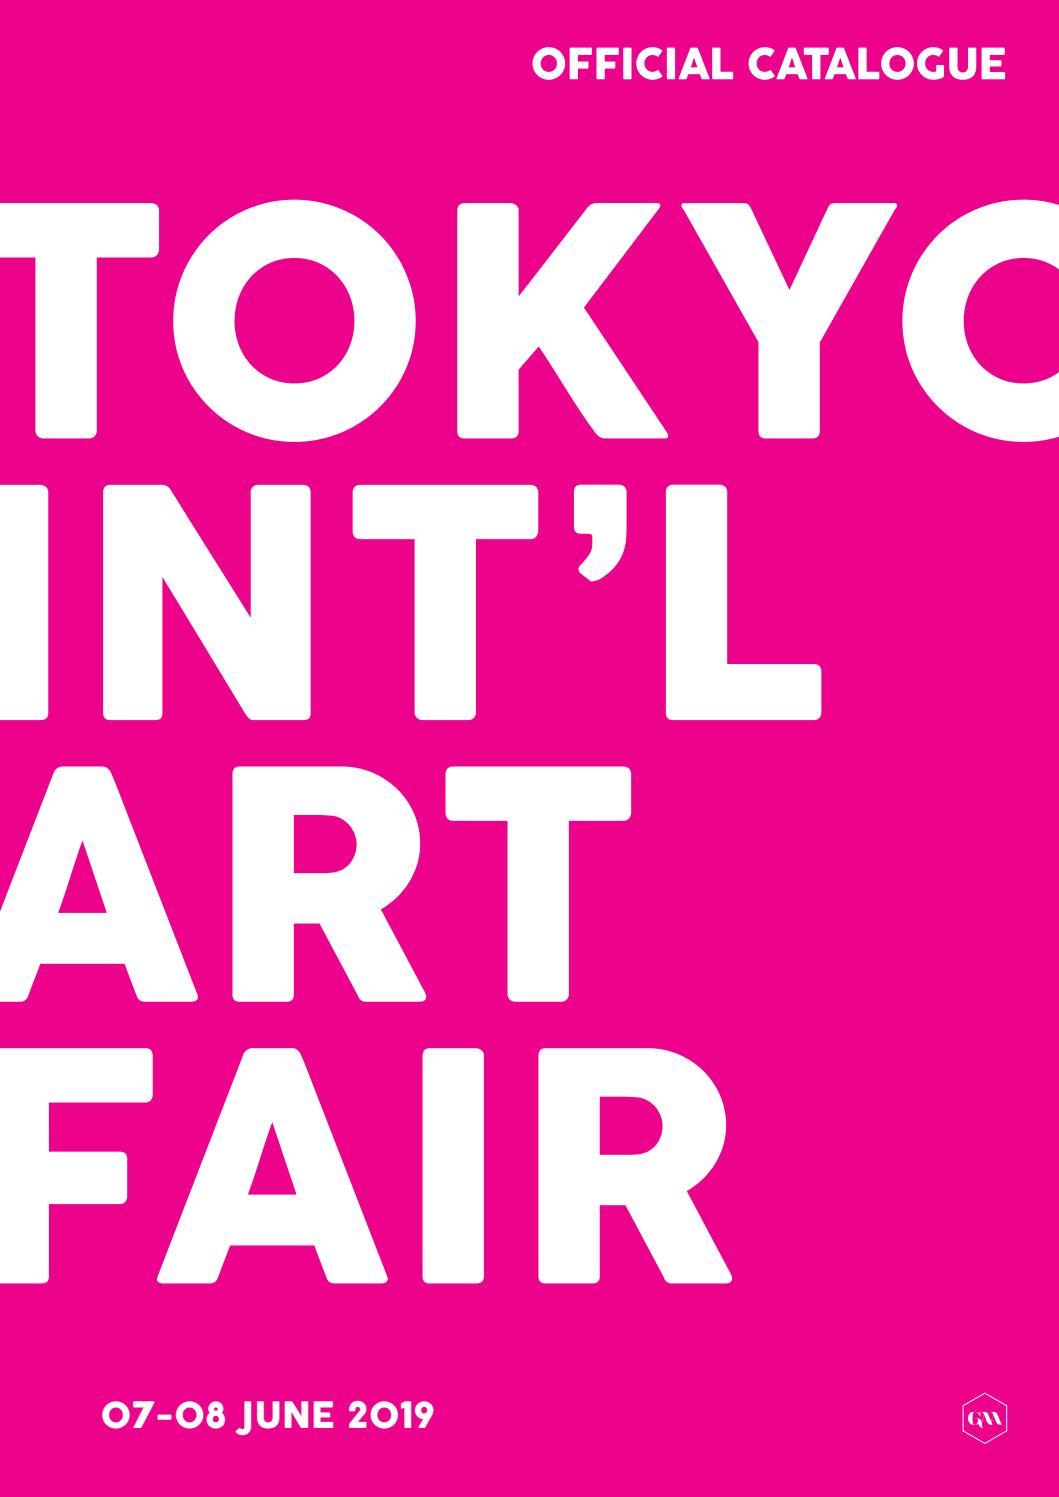 Tokyo International Art Fair 2019 - Official Catalogue by